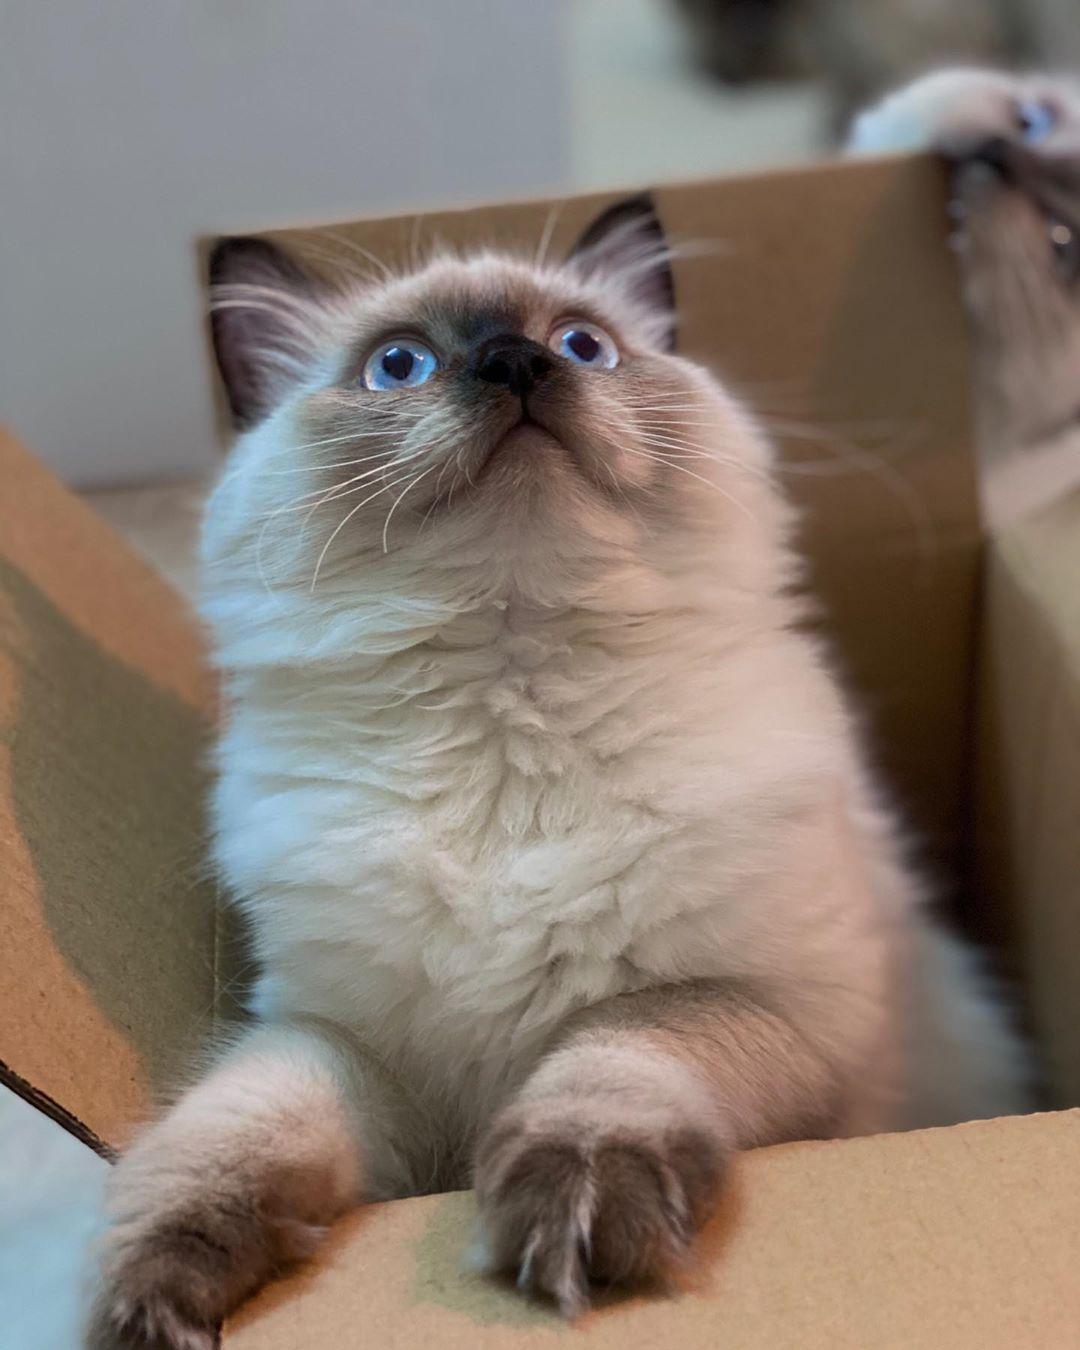 اللي ورا ياليت تفسر لي طعم الكرتون لفو الصوره Cat Catoftheworld Memes Catmemes Catsoftheweek Catsofin Cats Animals